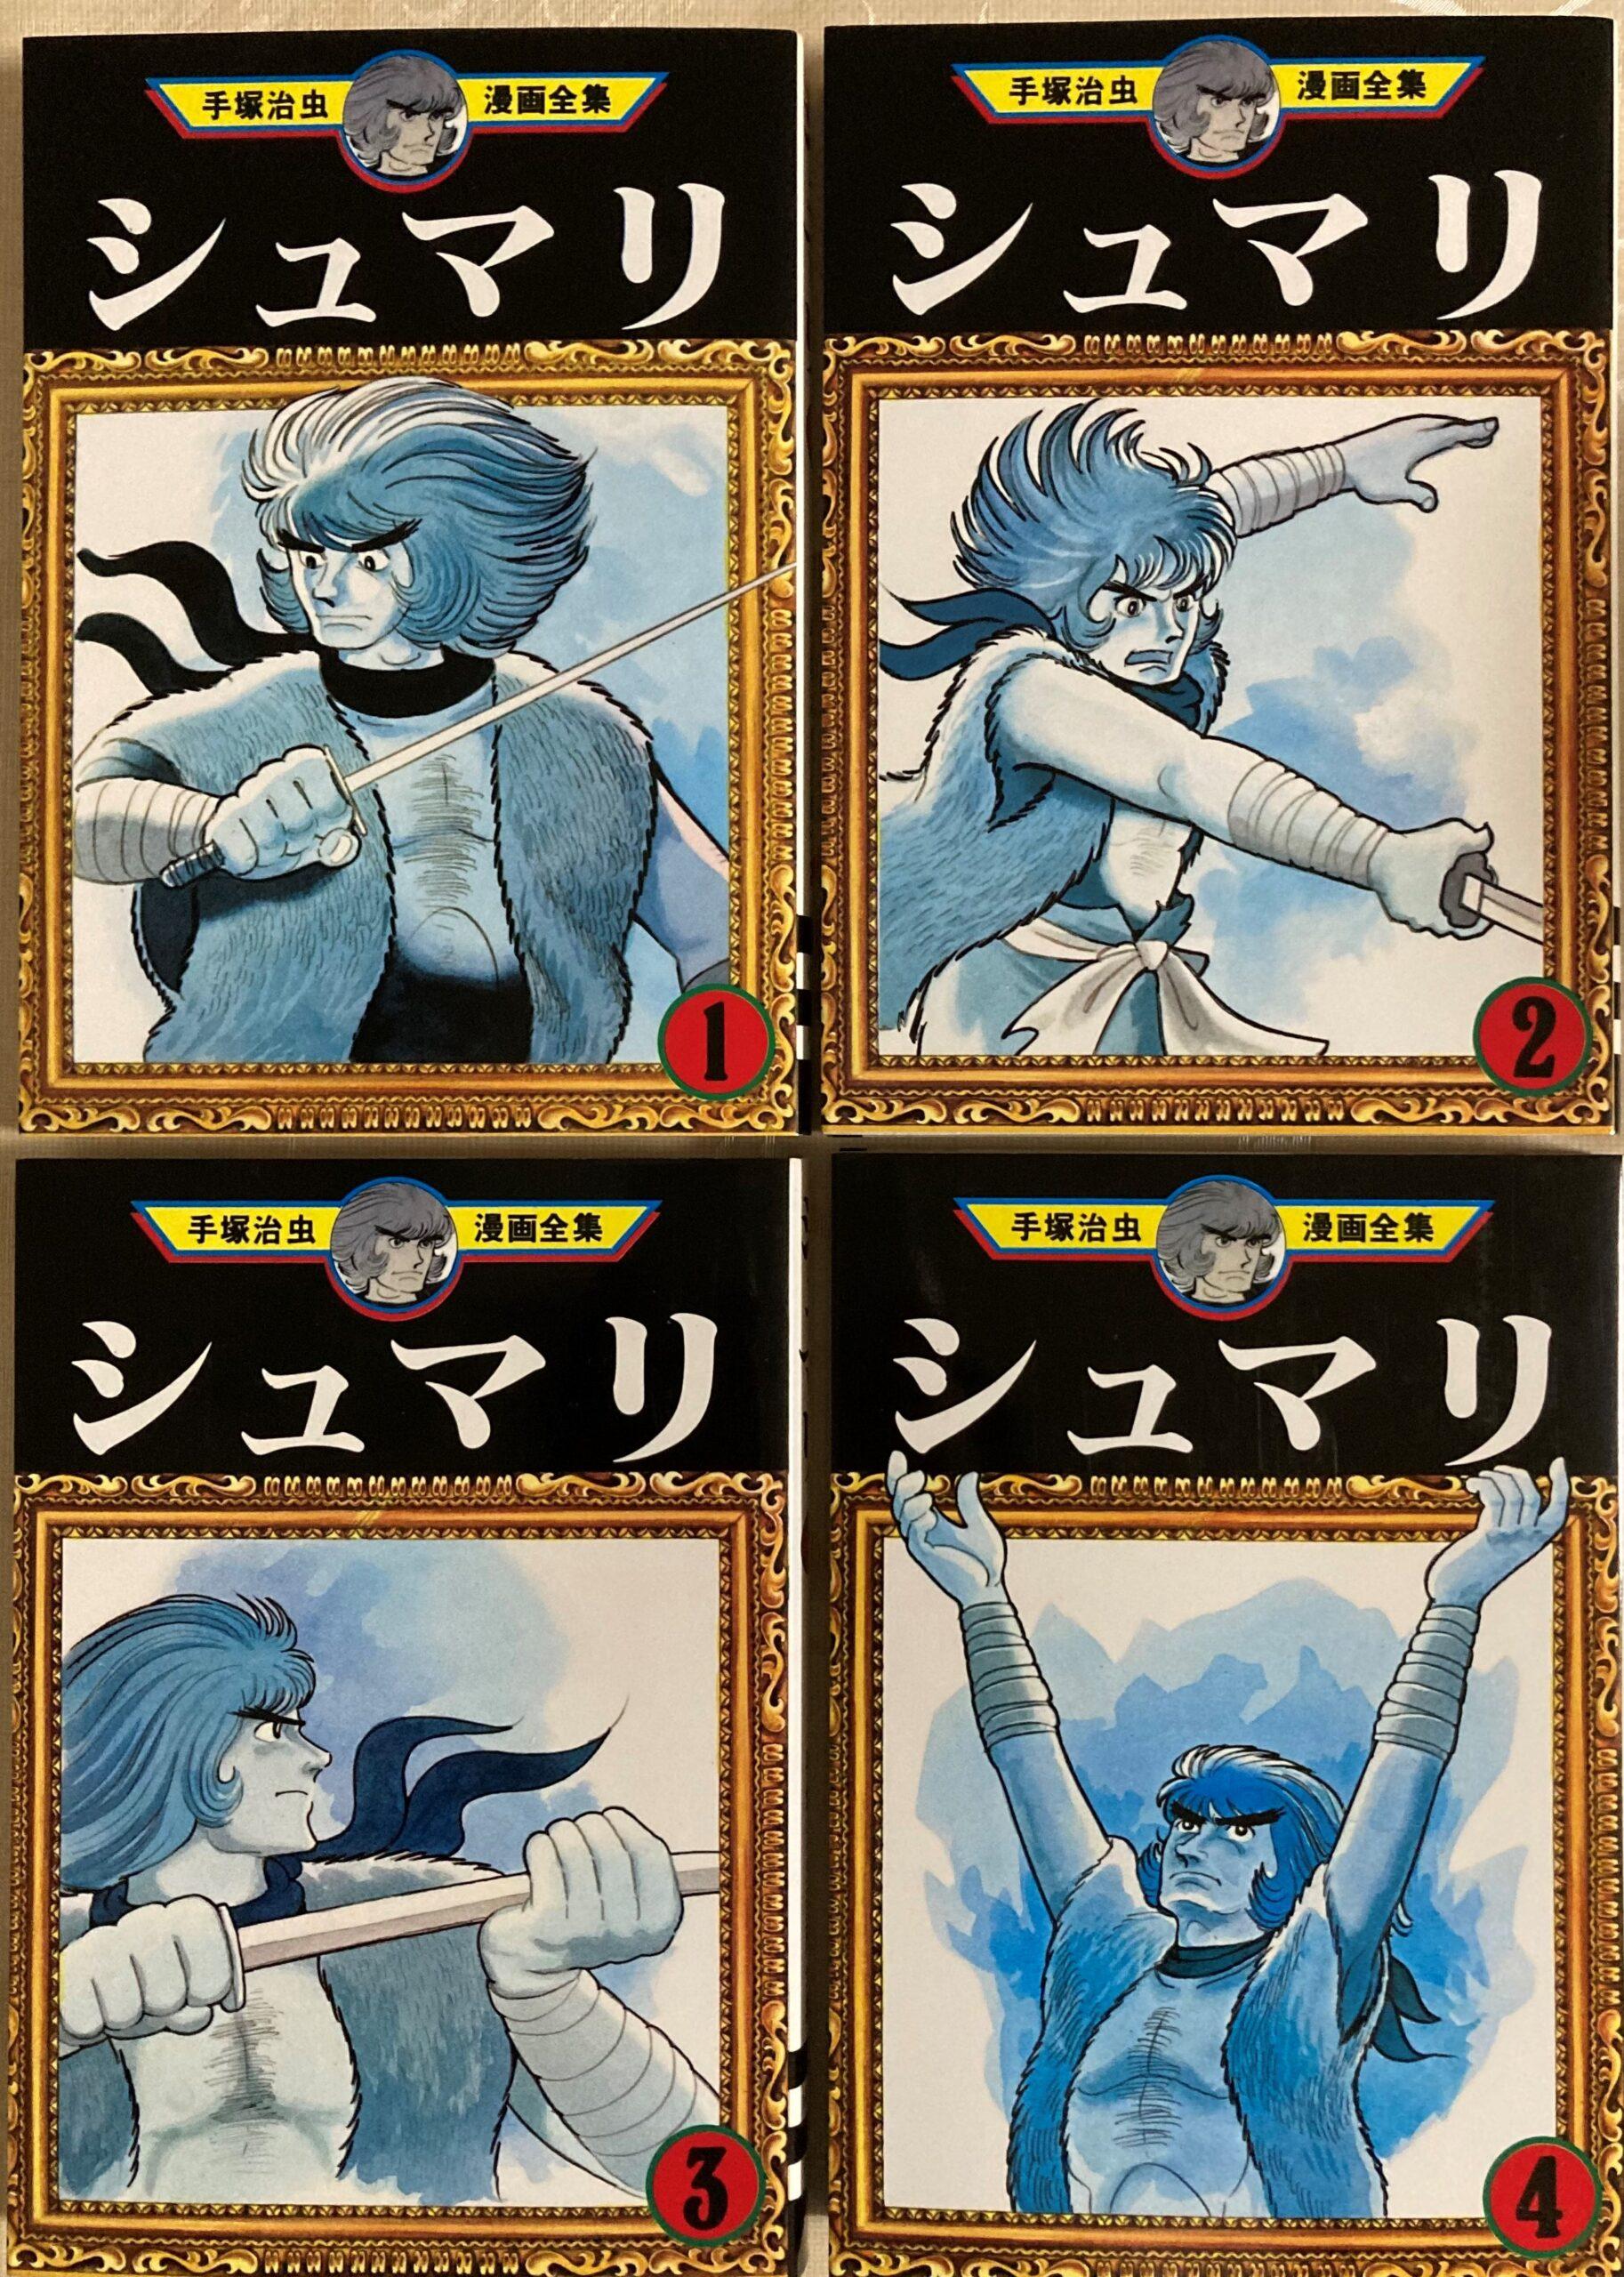 手塚治虫漫画全集の「シュマリ」全4冊の表紙を集めた写真。印象的なシュマリの絵。